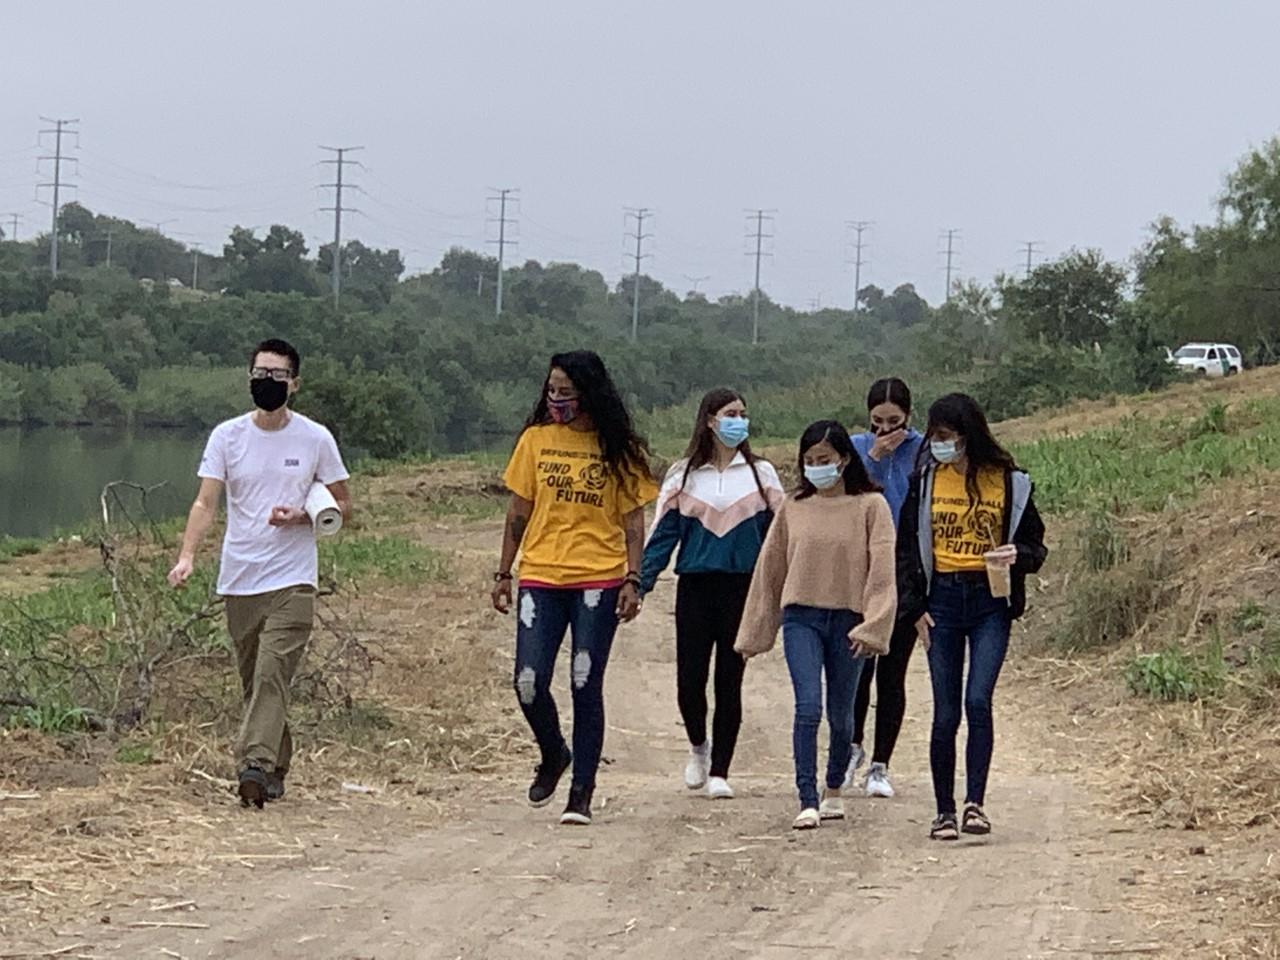 jóvenes contra el Muro fronterizo